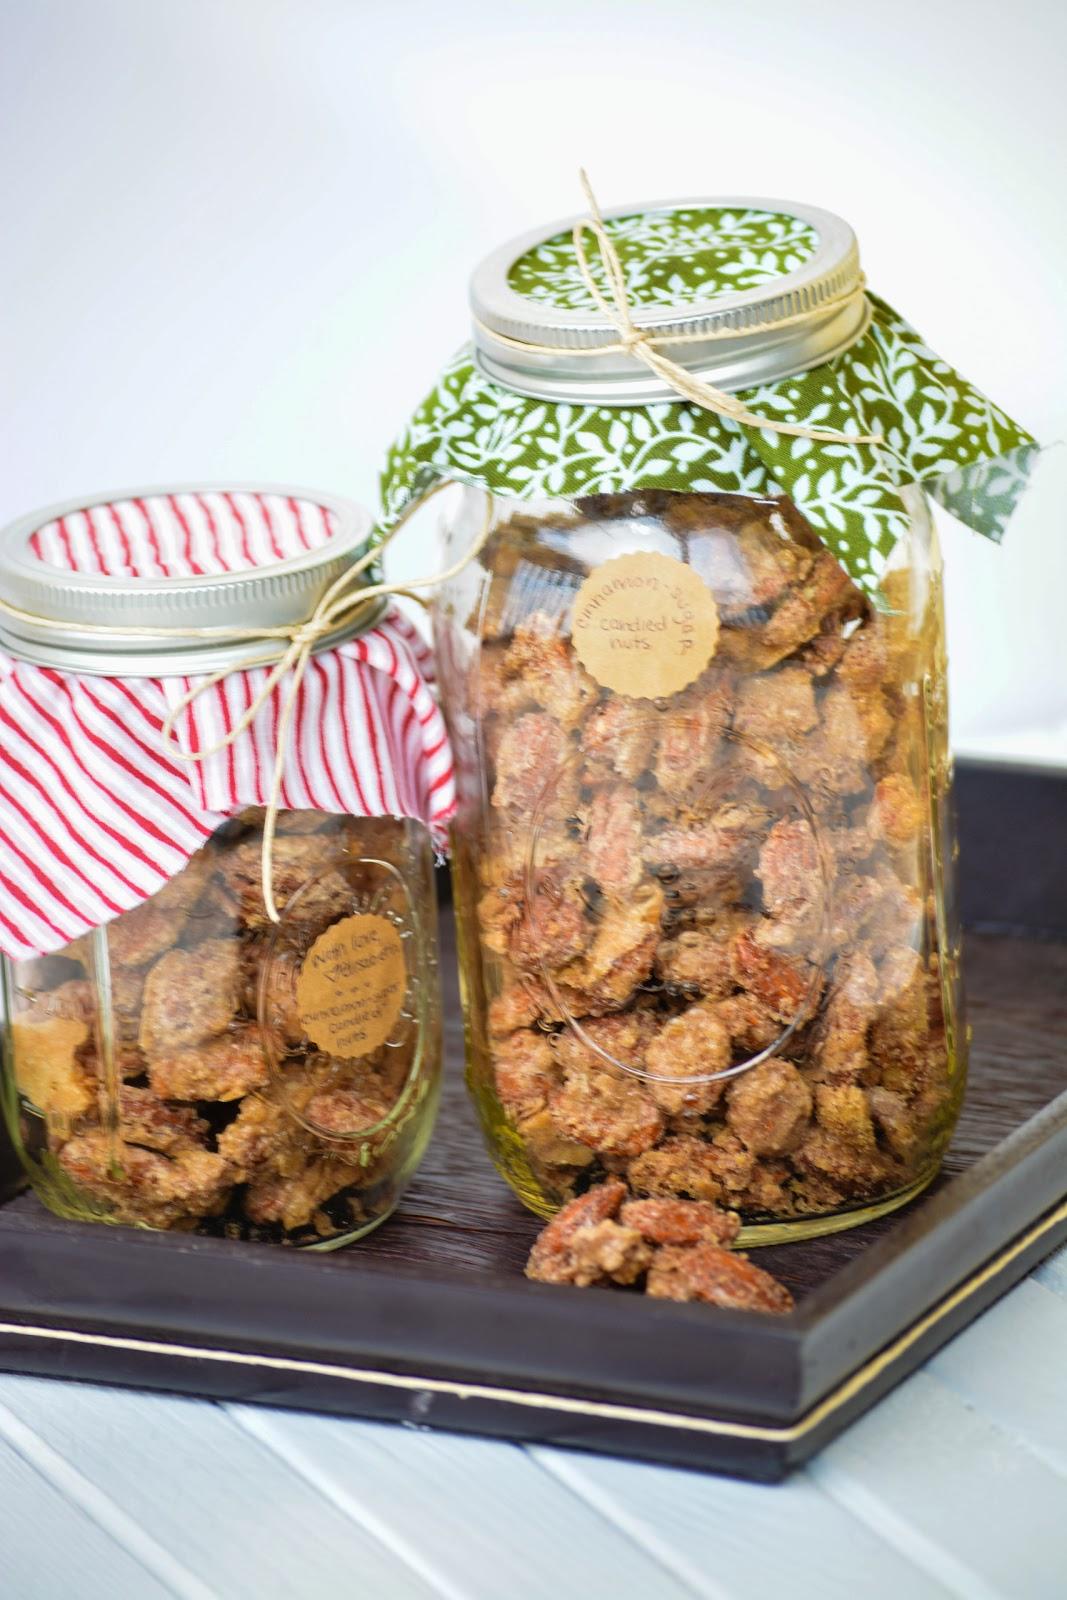 bella: Cinnamon Sugar Candied Nuts